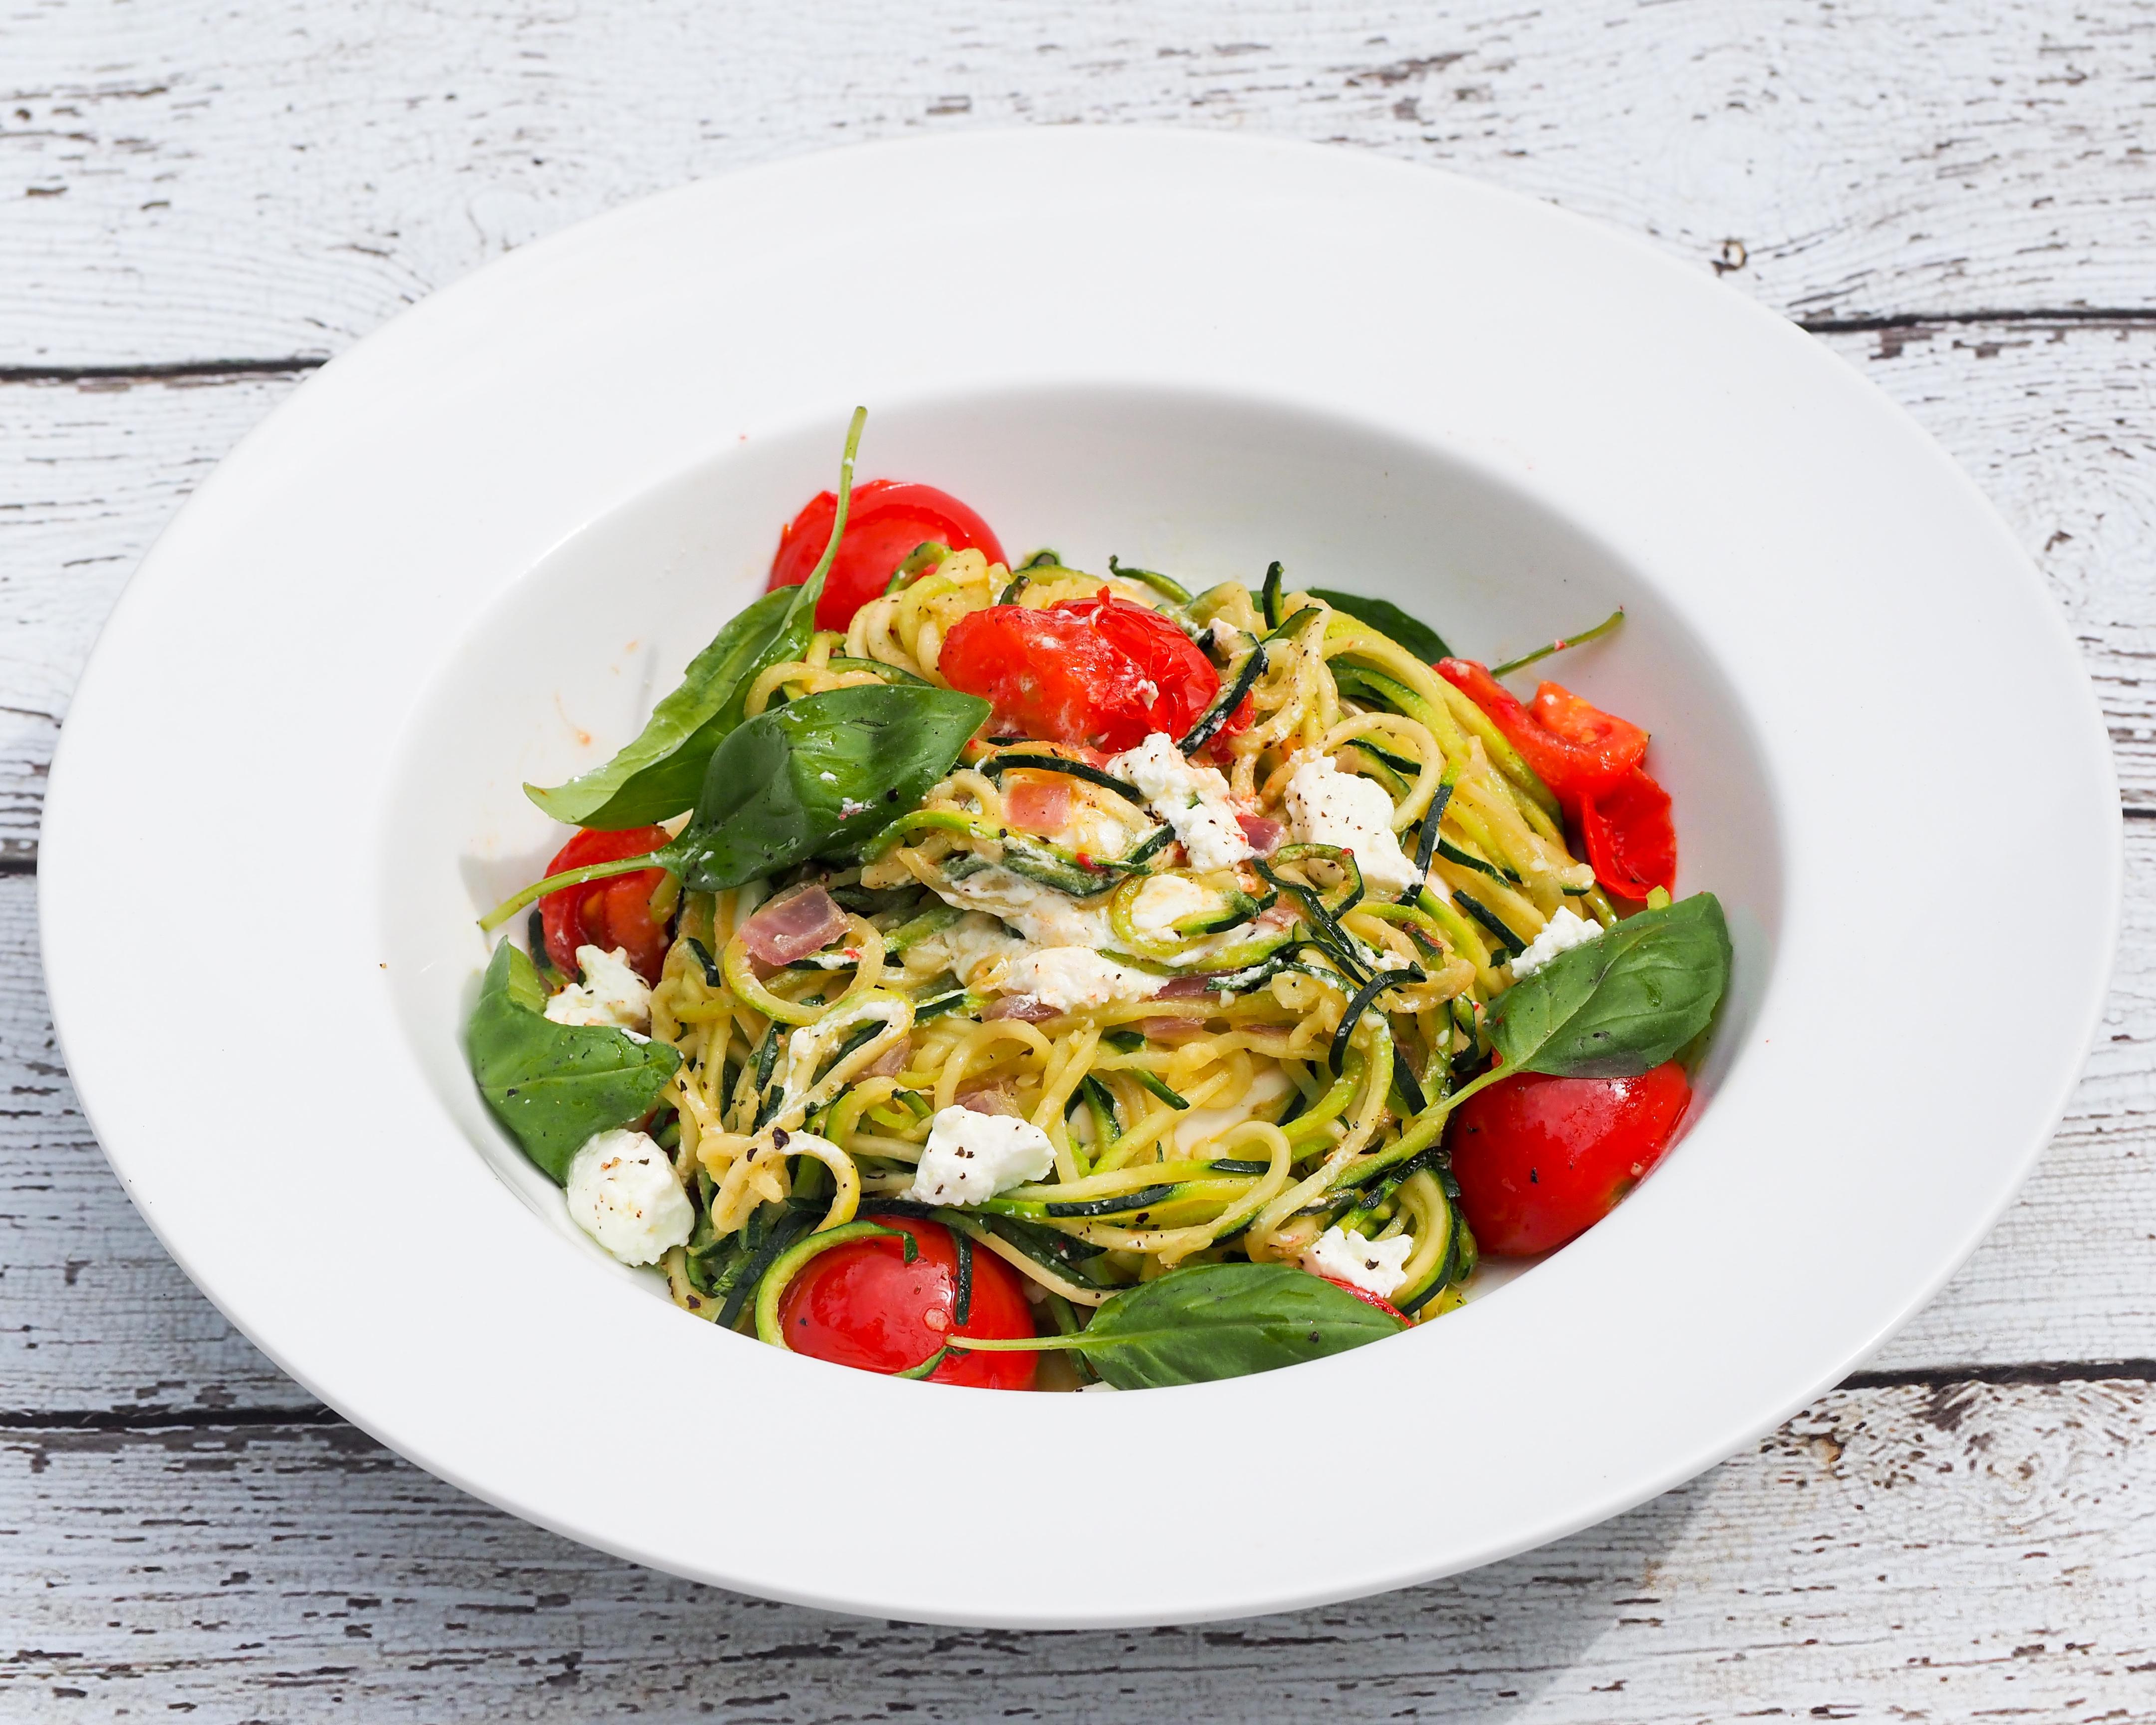 まるごと野菜のスパゲティ!?ズッキーニパスタがダイエッターに人気のサムネイル画像